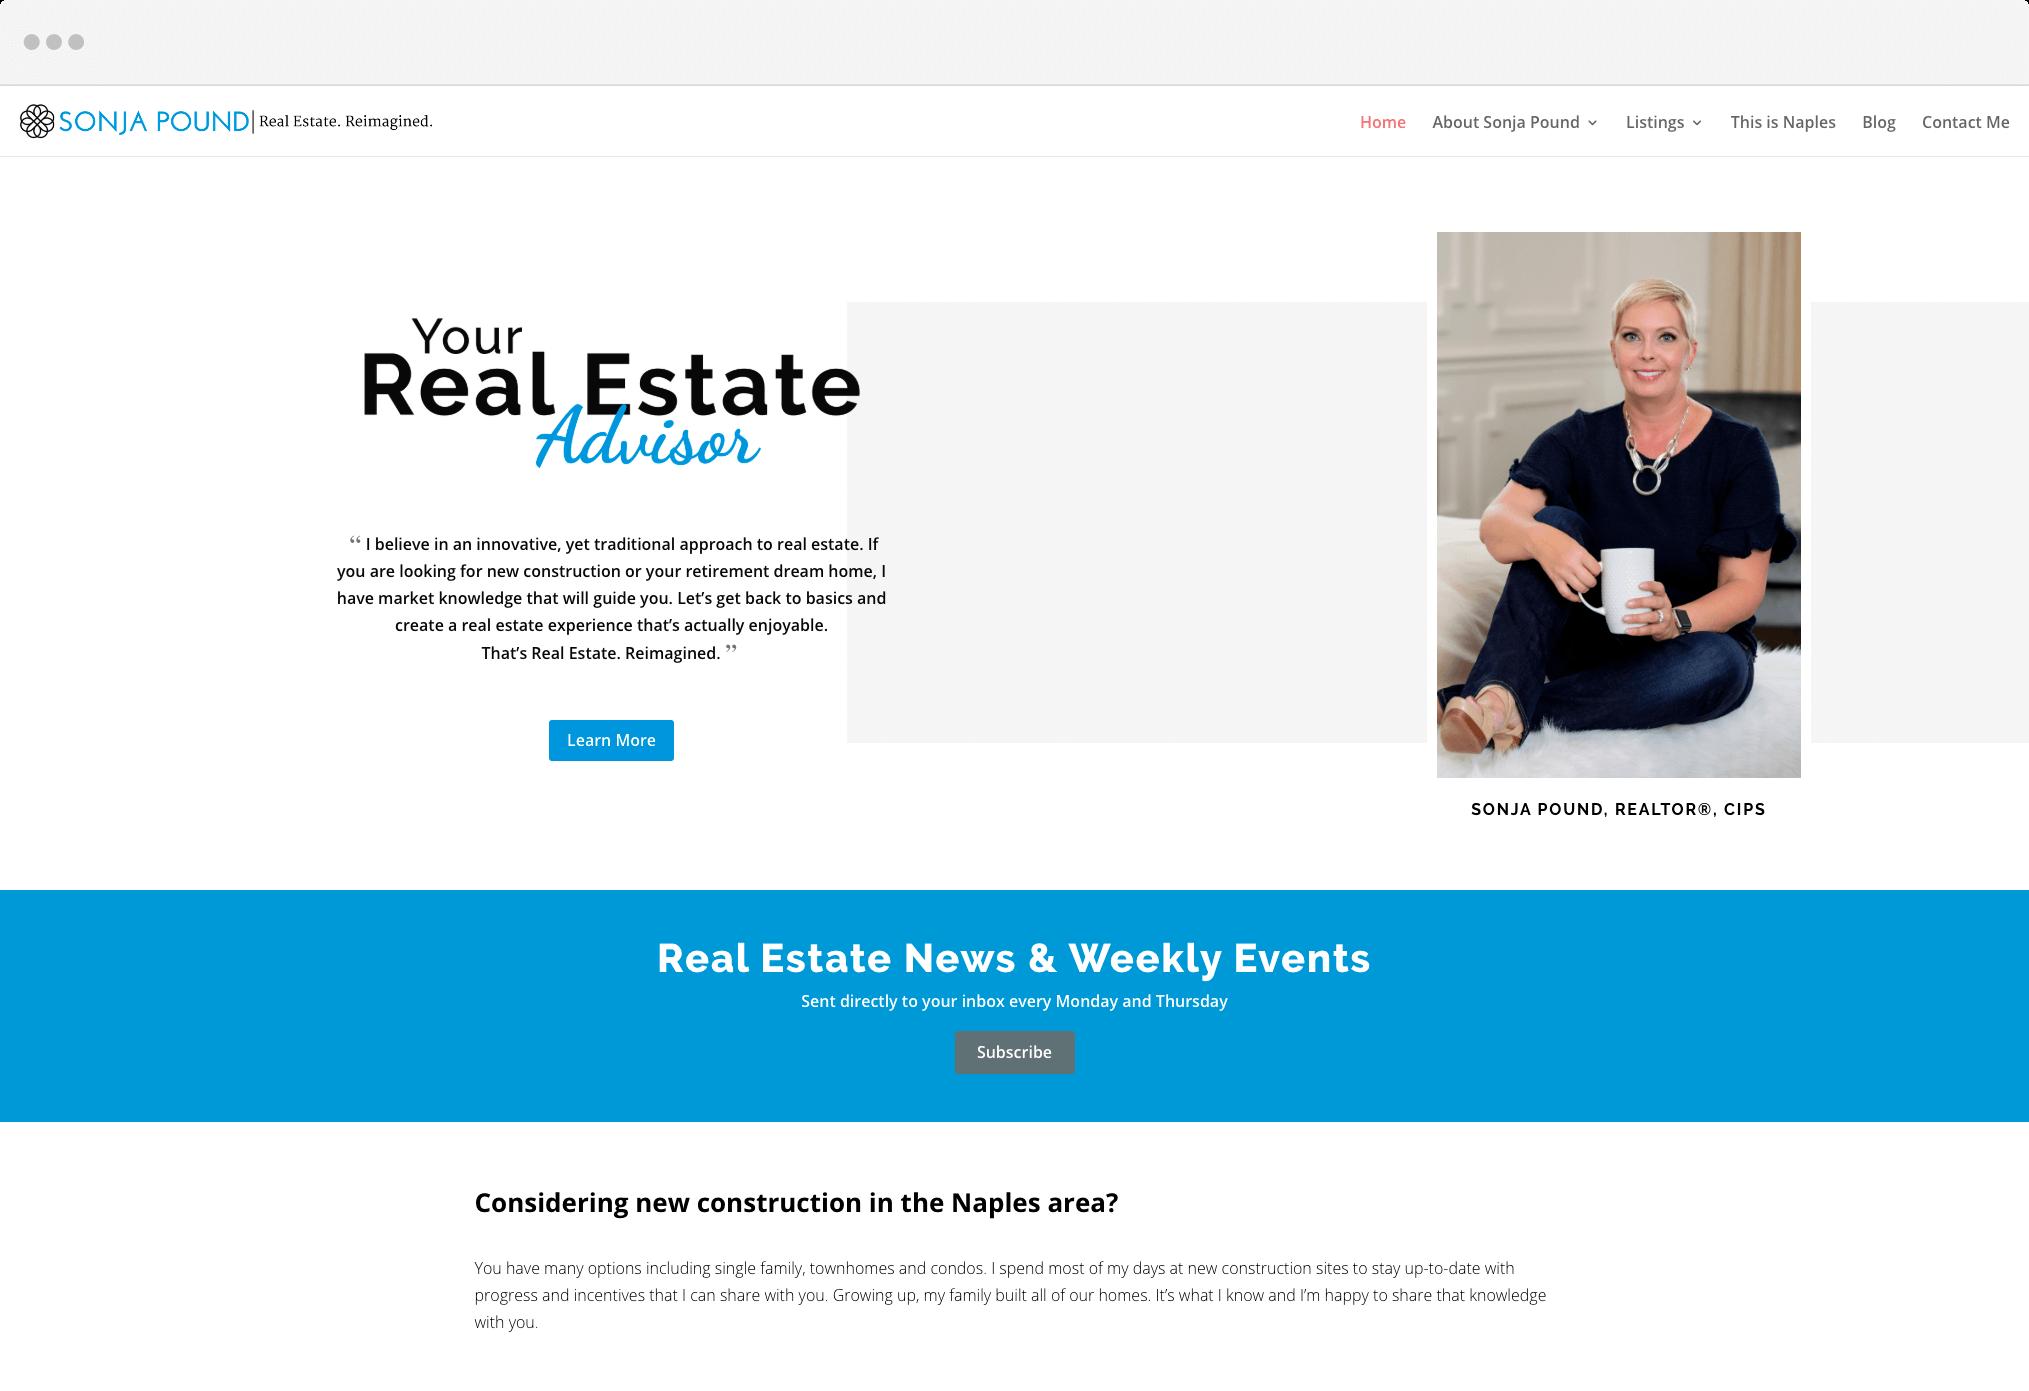 Sonja Pound's Website